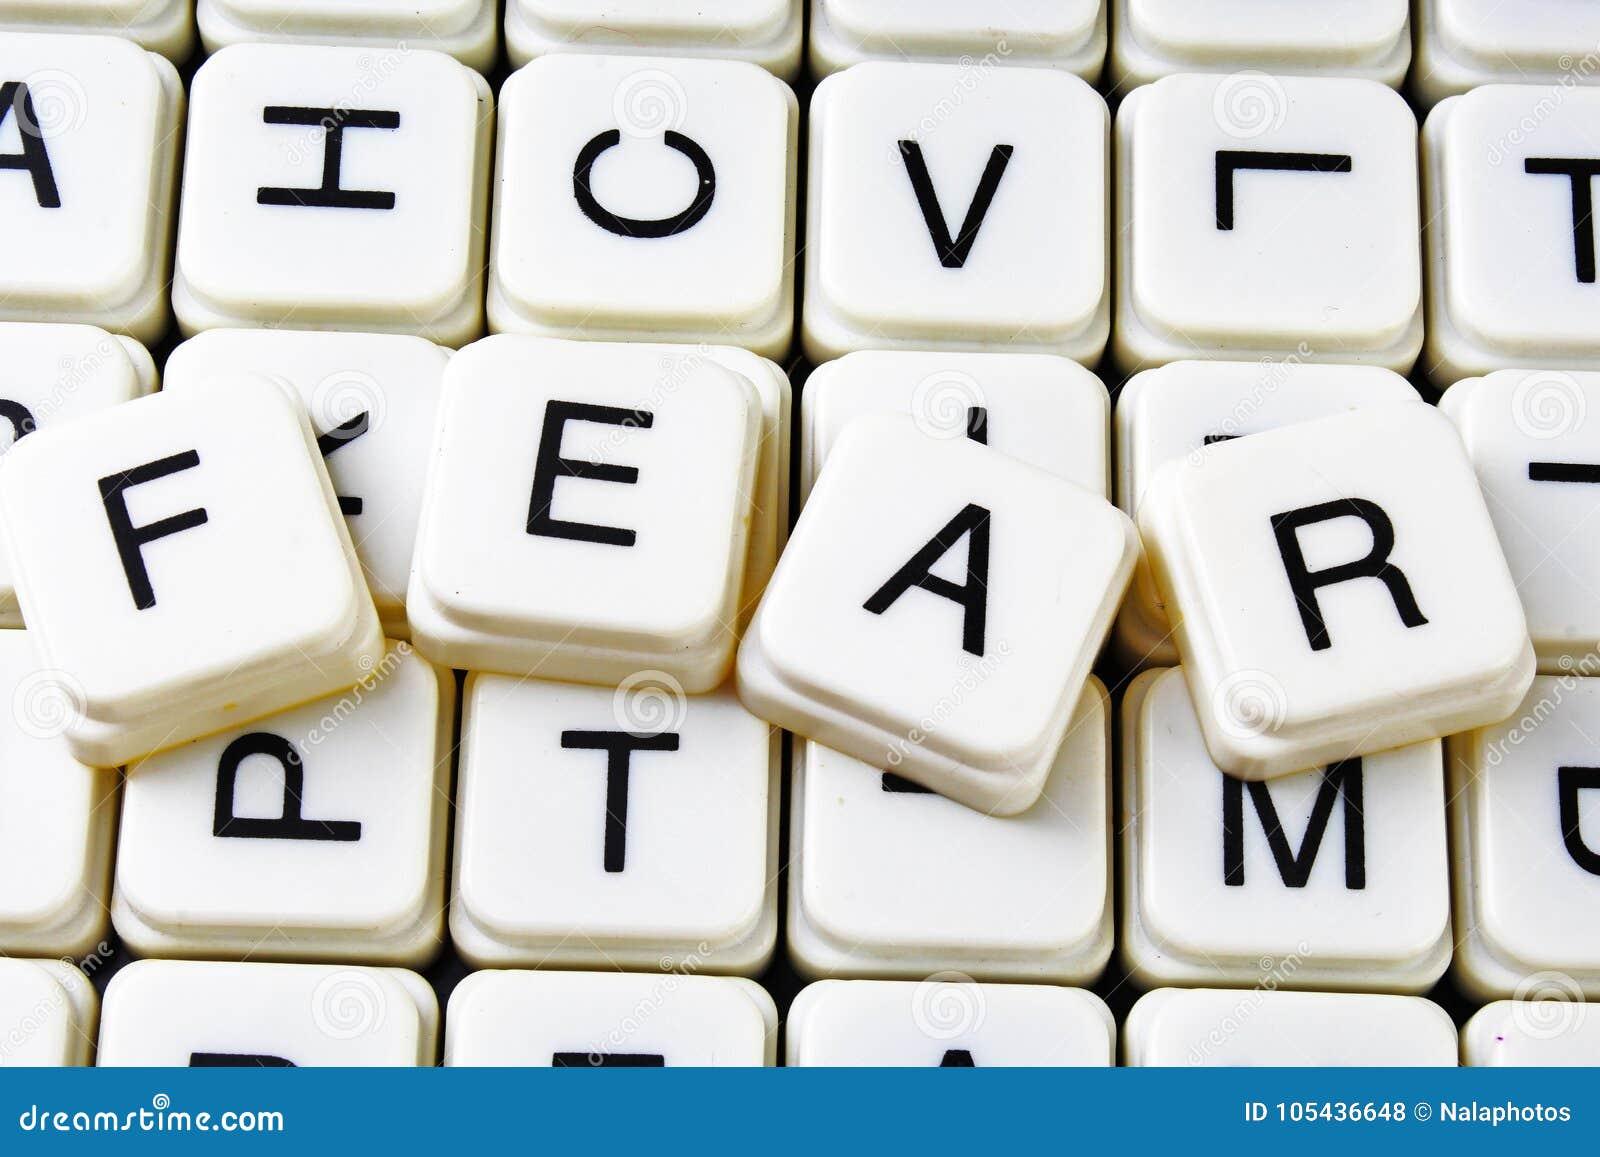 Furchttext-Wortkreuzworträtsel Alphabetbuchstabe blockiert Spielbeschaffenheitshintergrund Weiße alphabetische WürfelBlockschrift